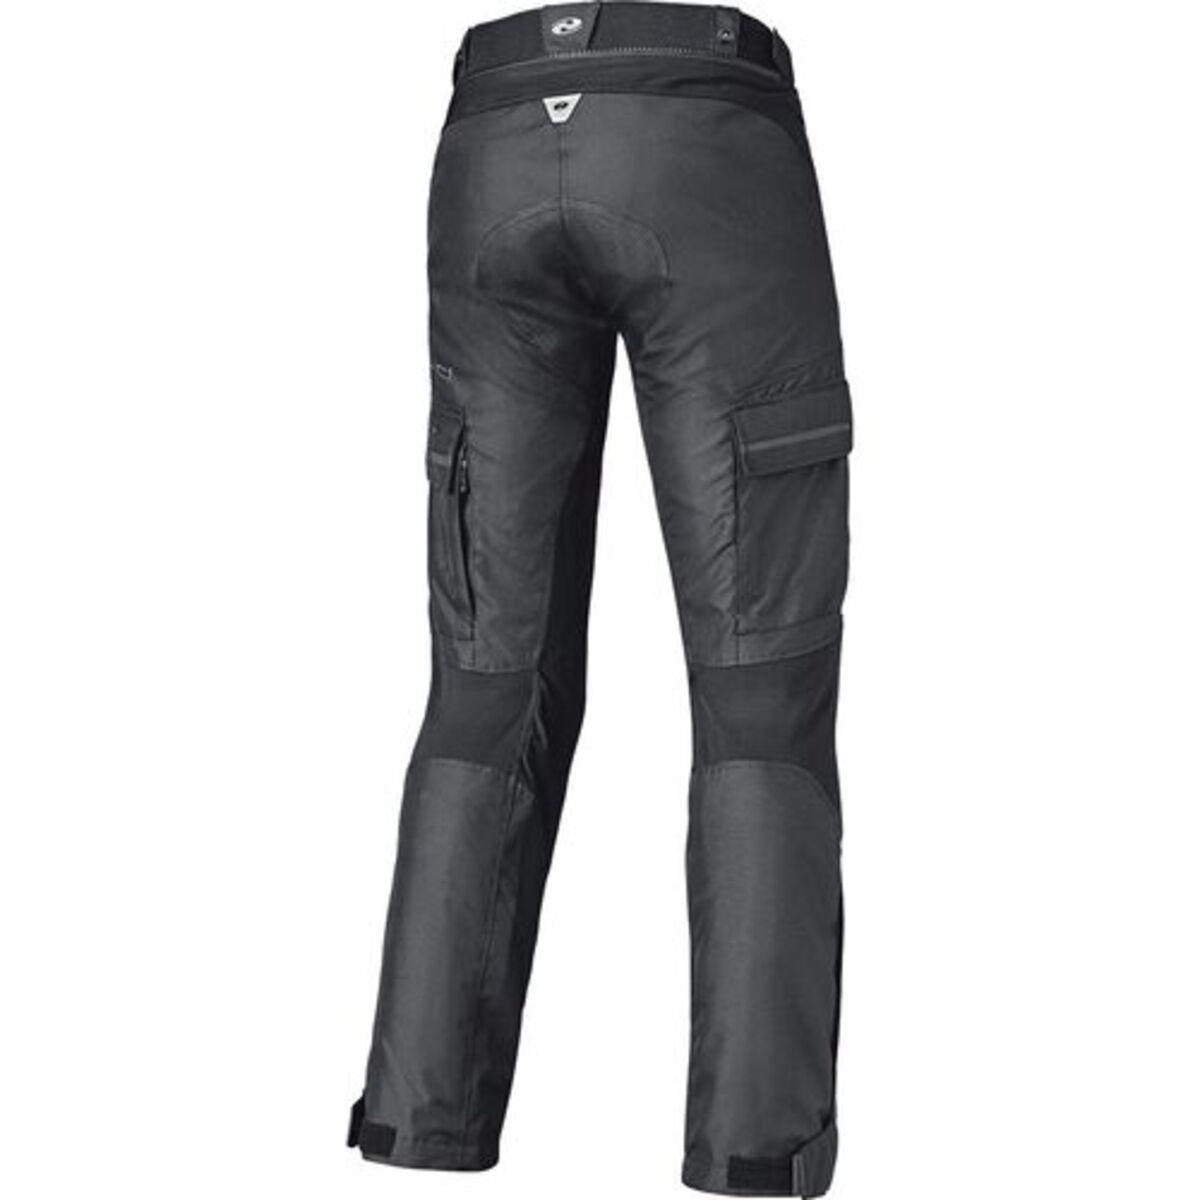 Bild 2 von Held            Bene Textilhose GTX schwarz